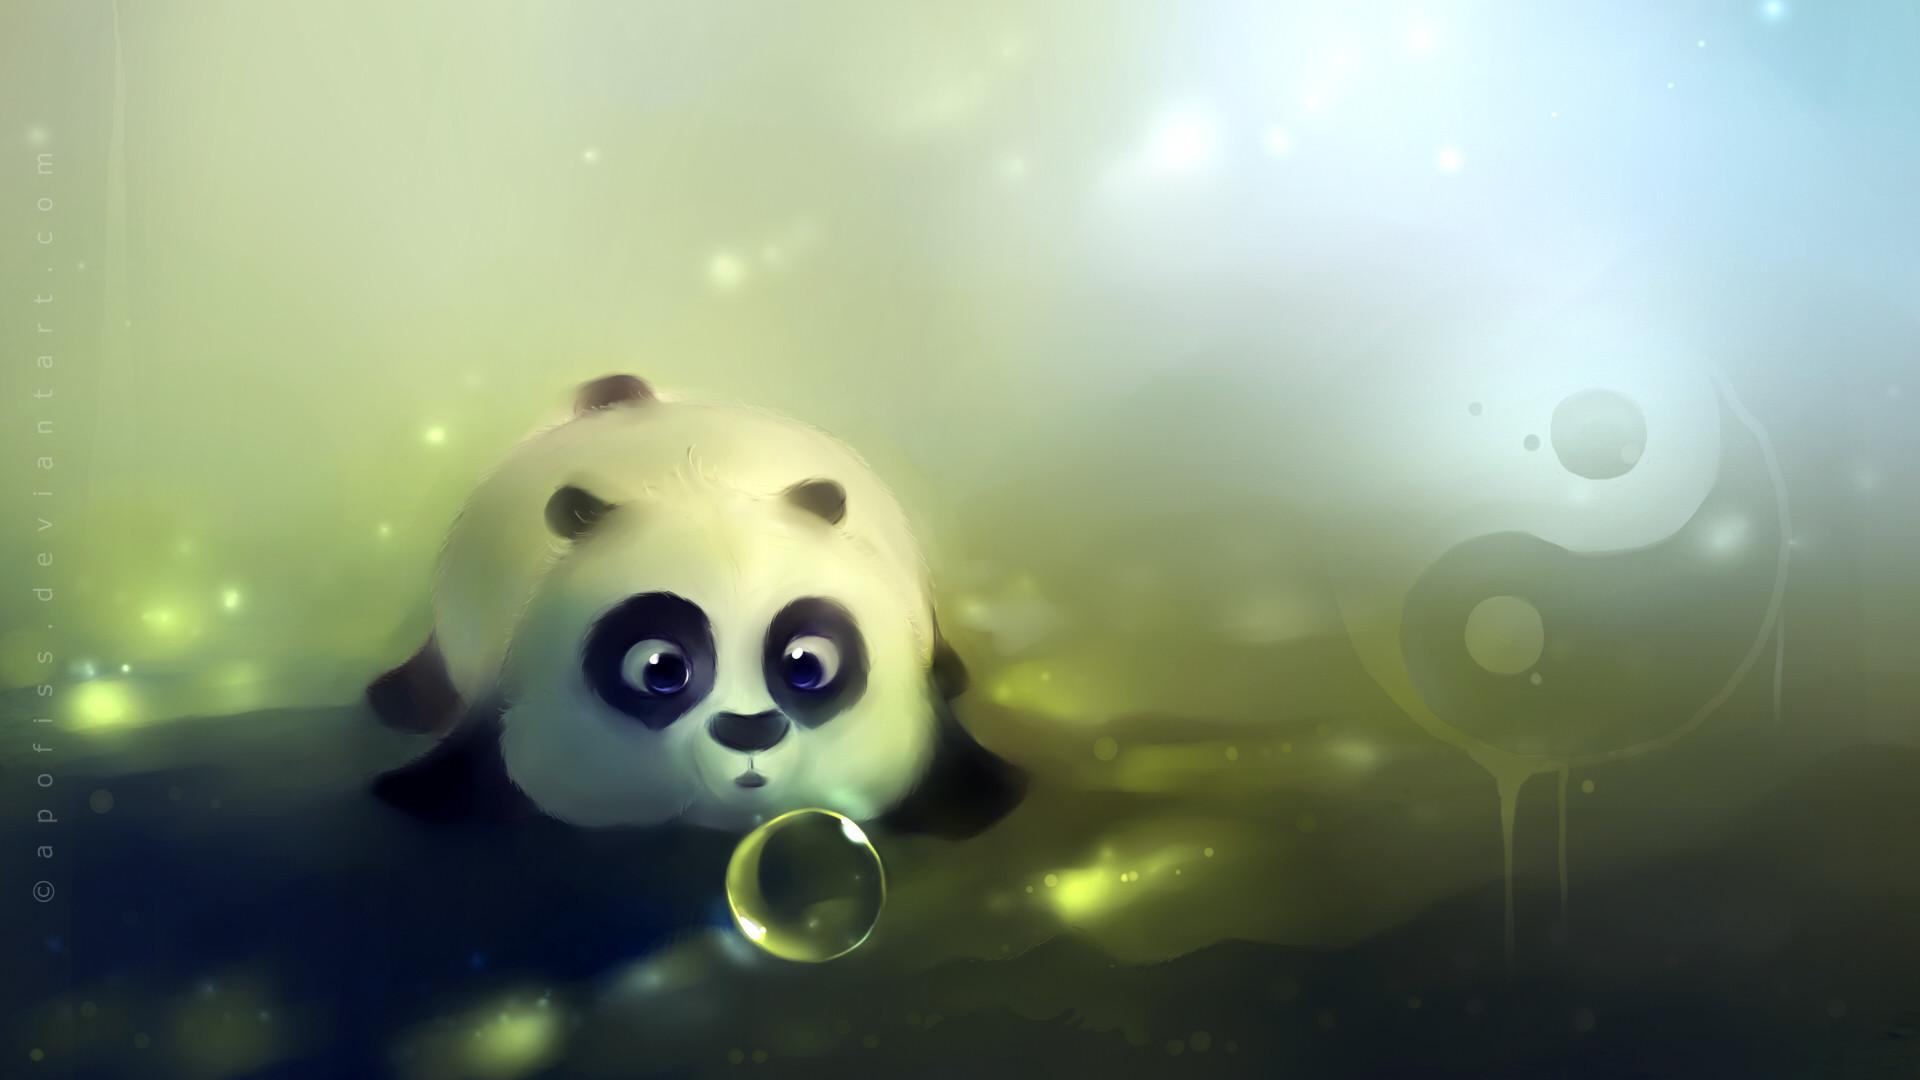 panda wallpaper – Google Search